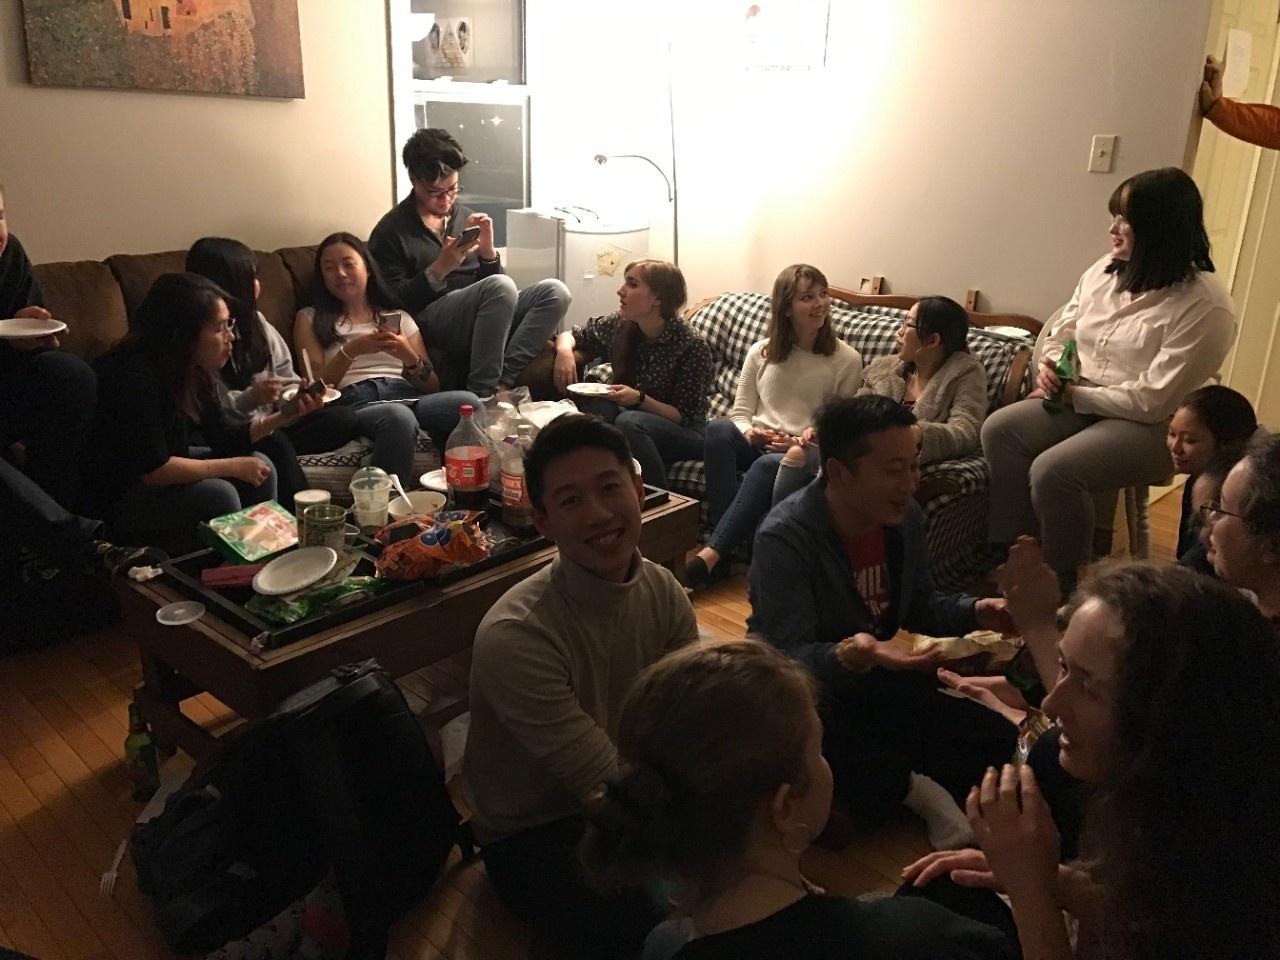 Dumpling party 2020 (photo 7)